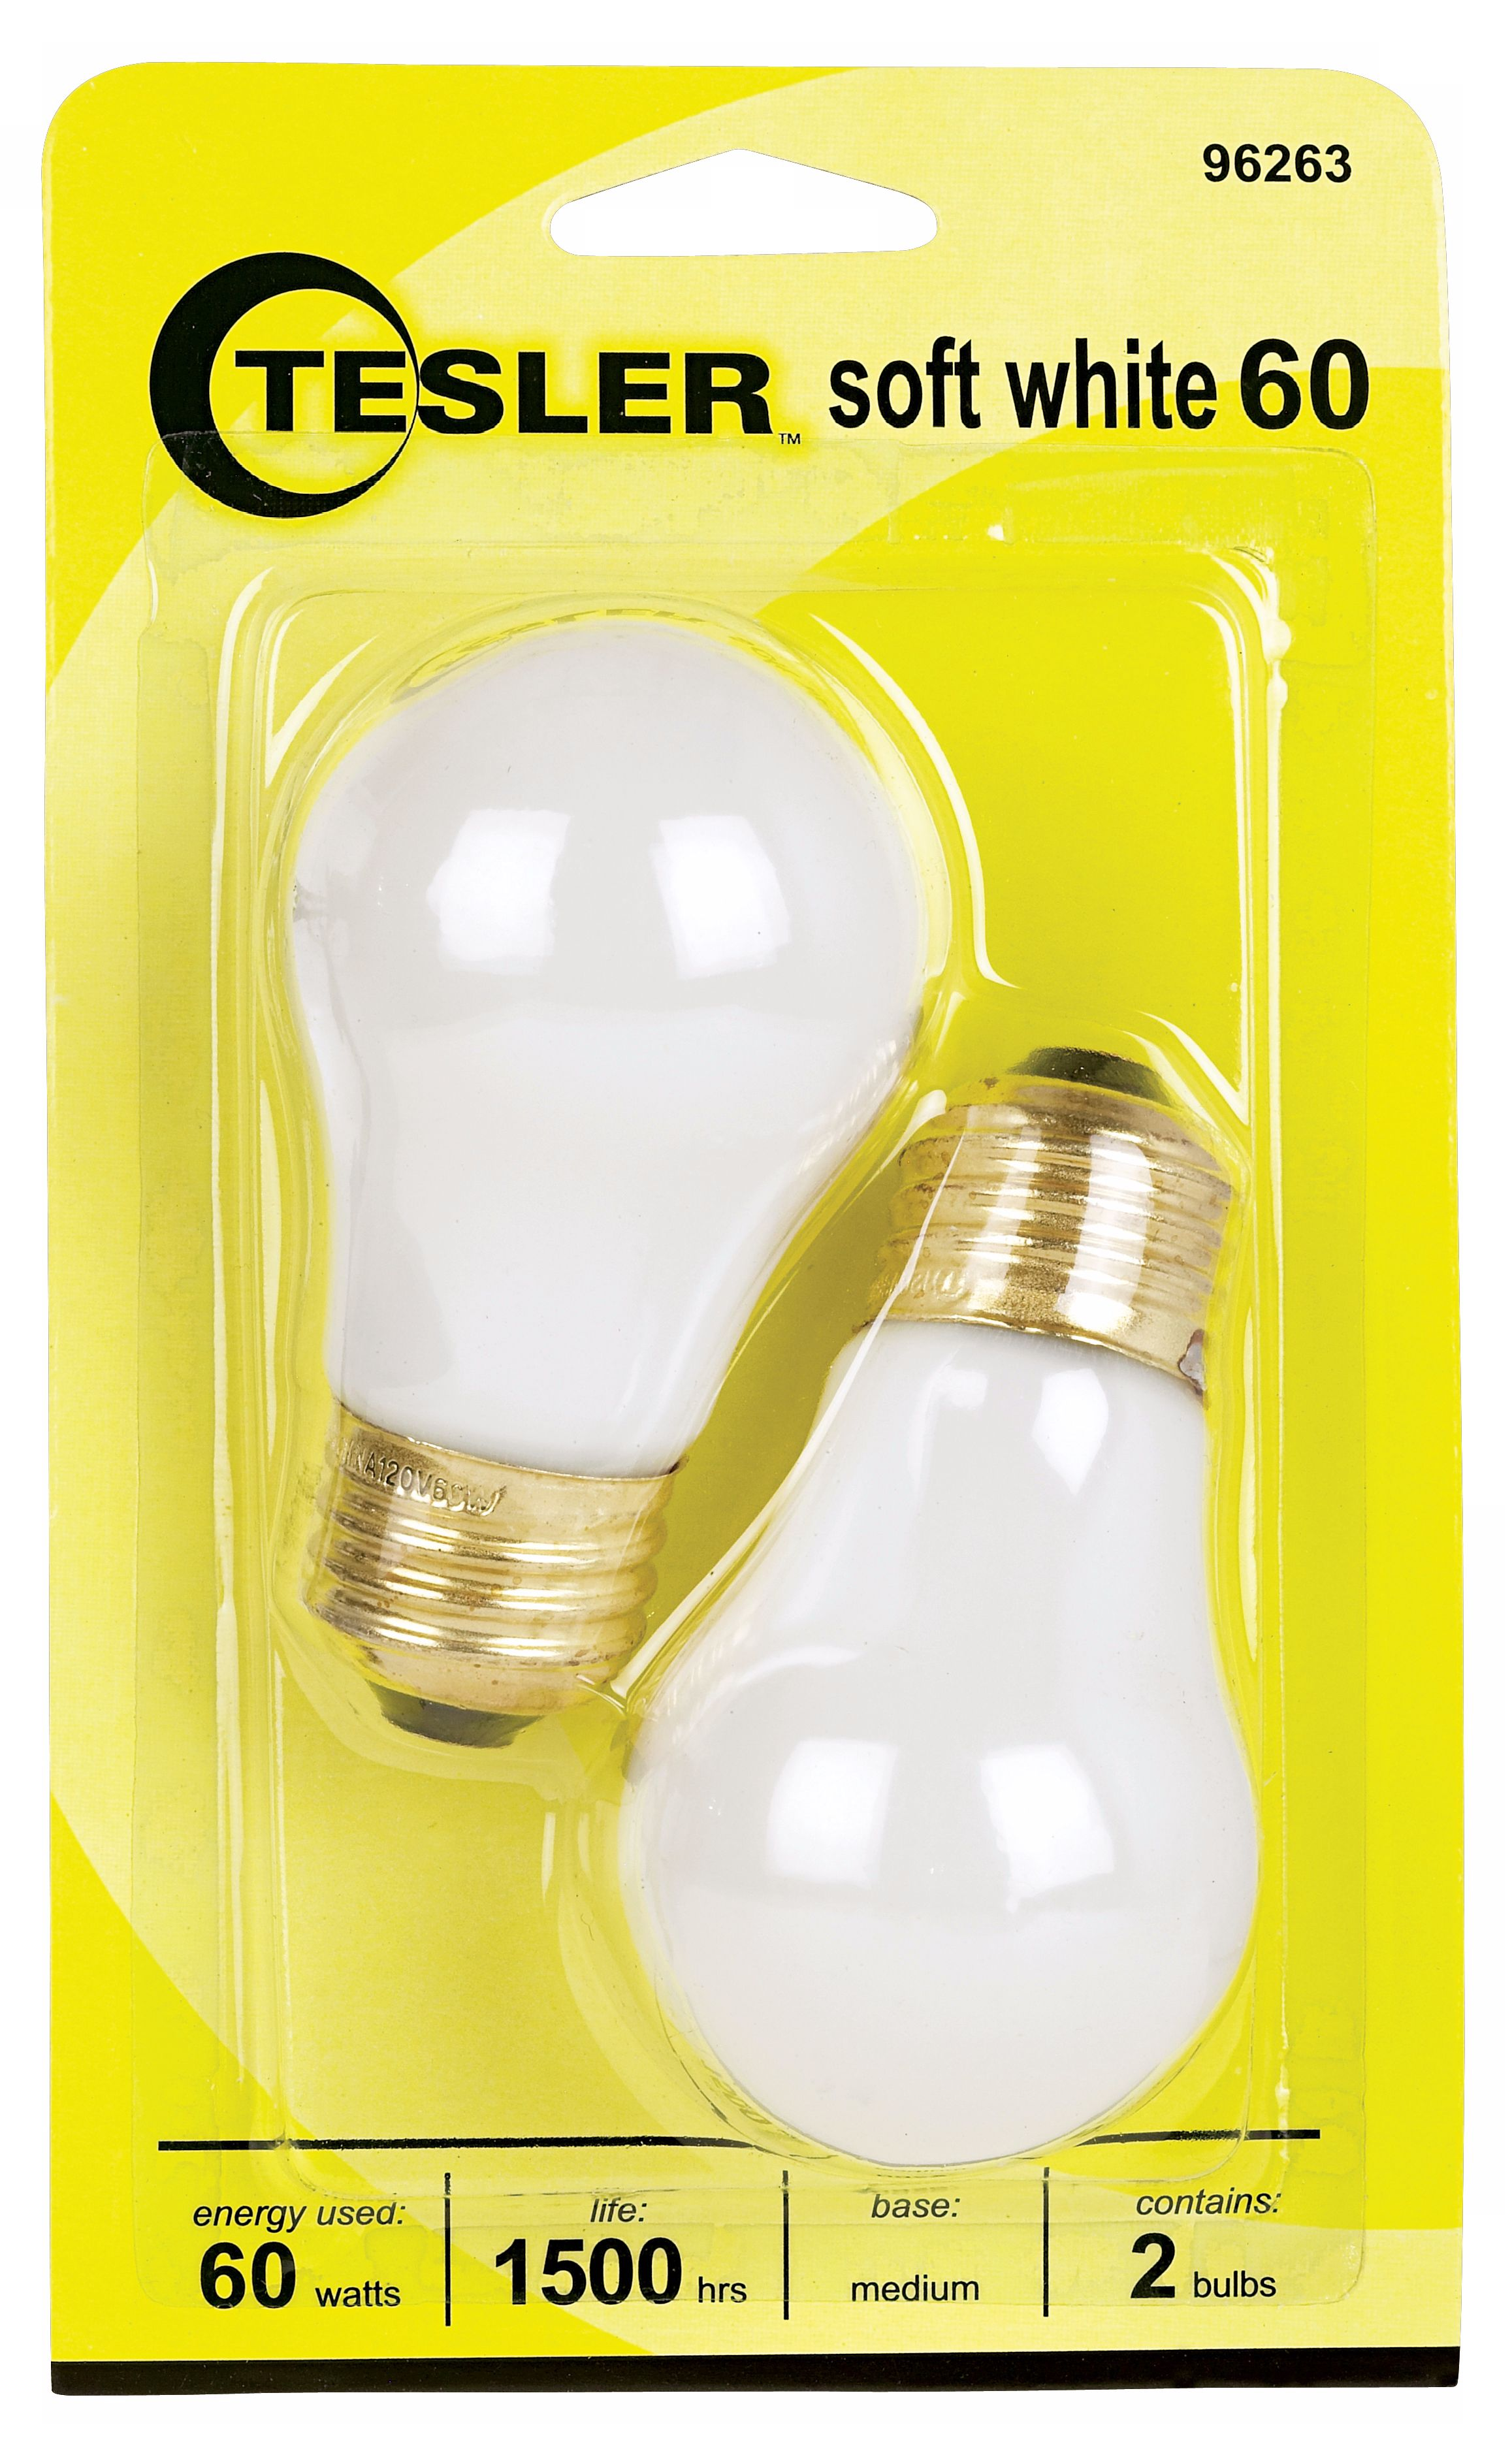 Tesler 60 Watt 2-Pack Soft White Ceiling Fan Light Bulbs  sc 1 st  L&s Plus & Tesler 60 Watt 2-Pack Soft White Ceiling Fan Light Bulbs - #96263 ... azcodes.com